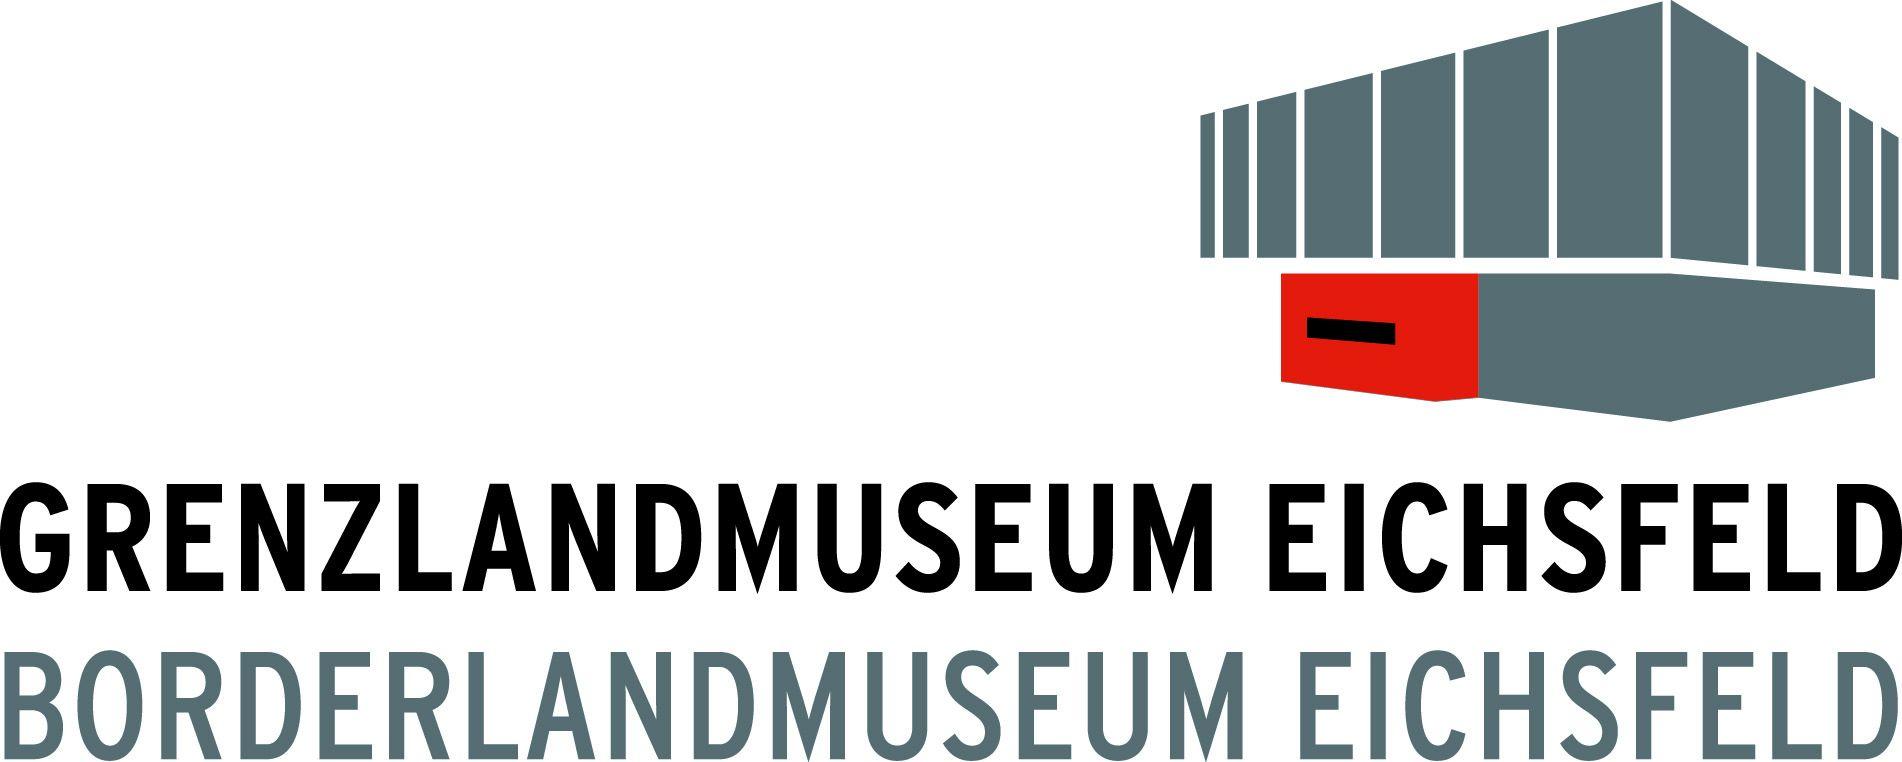 GRENZLANDMUSEUM EICHSFELD E.V.